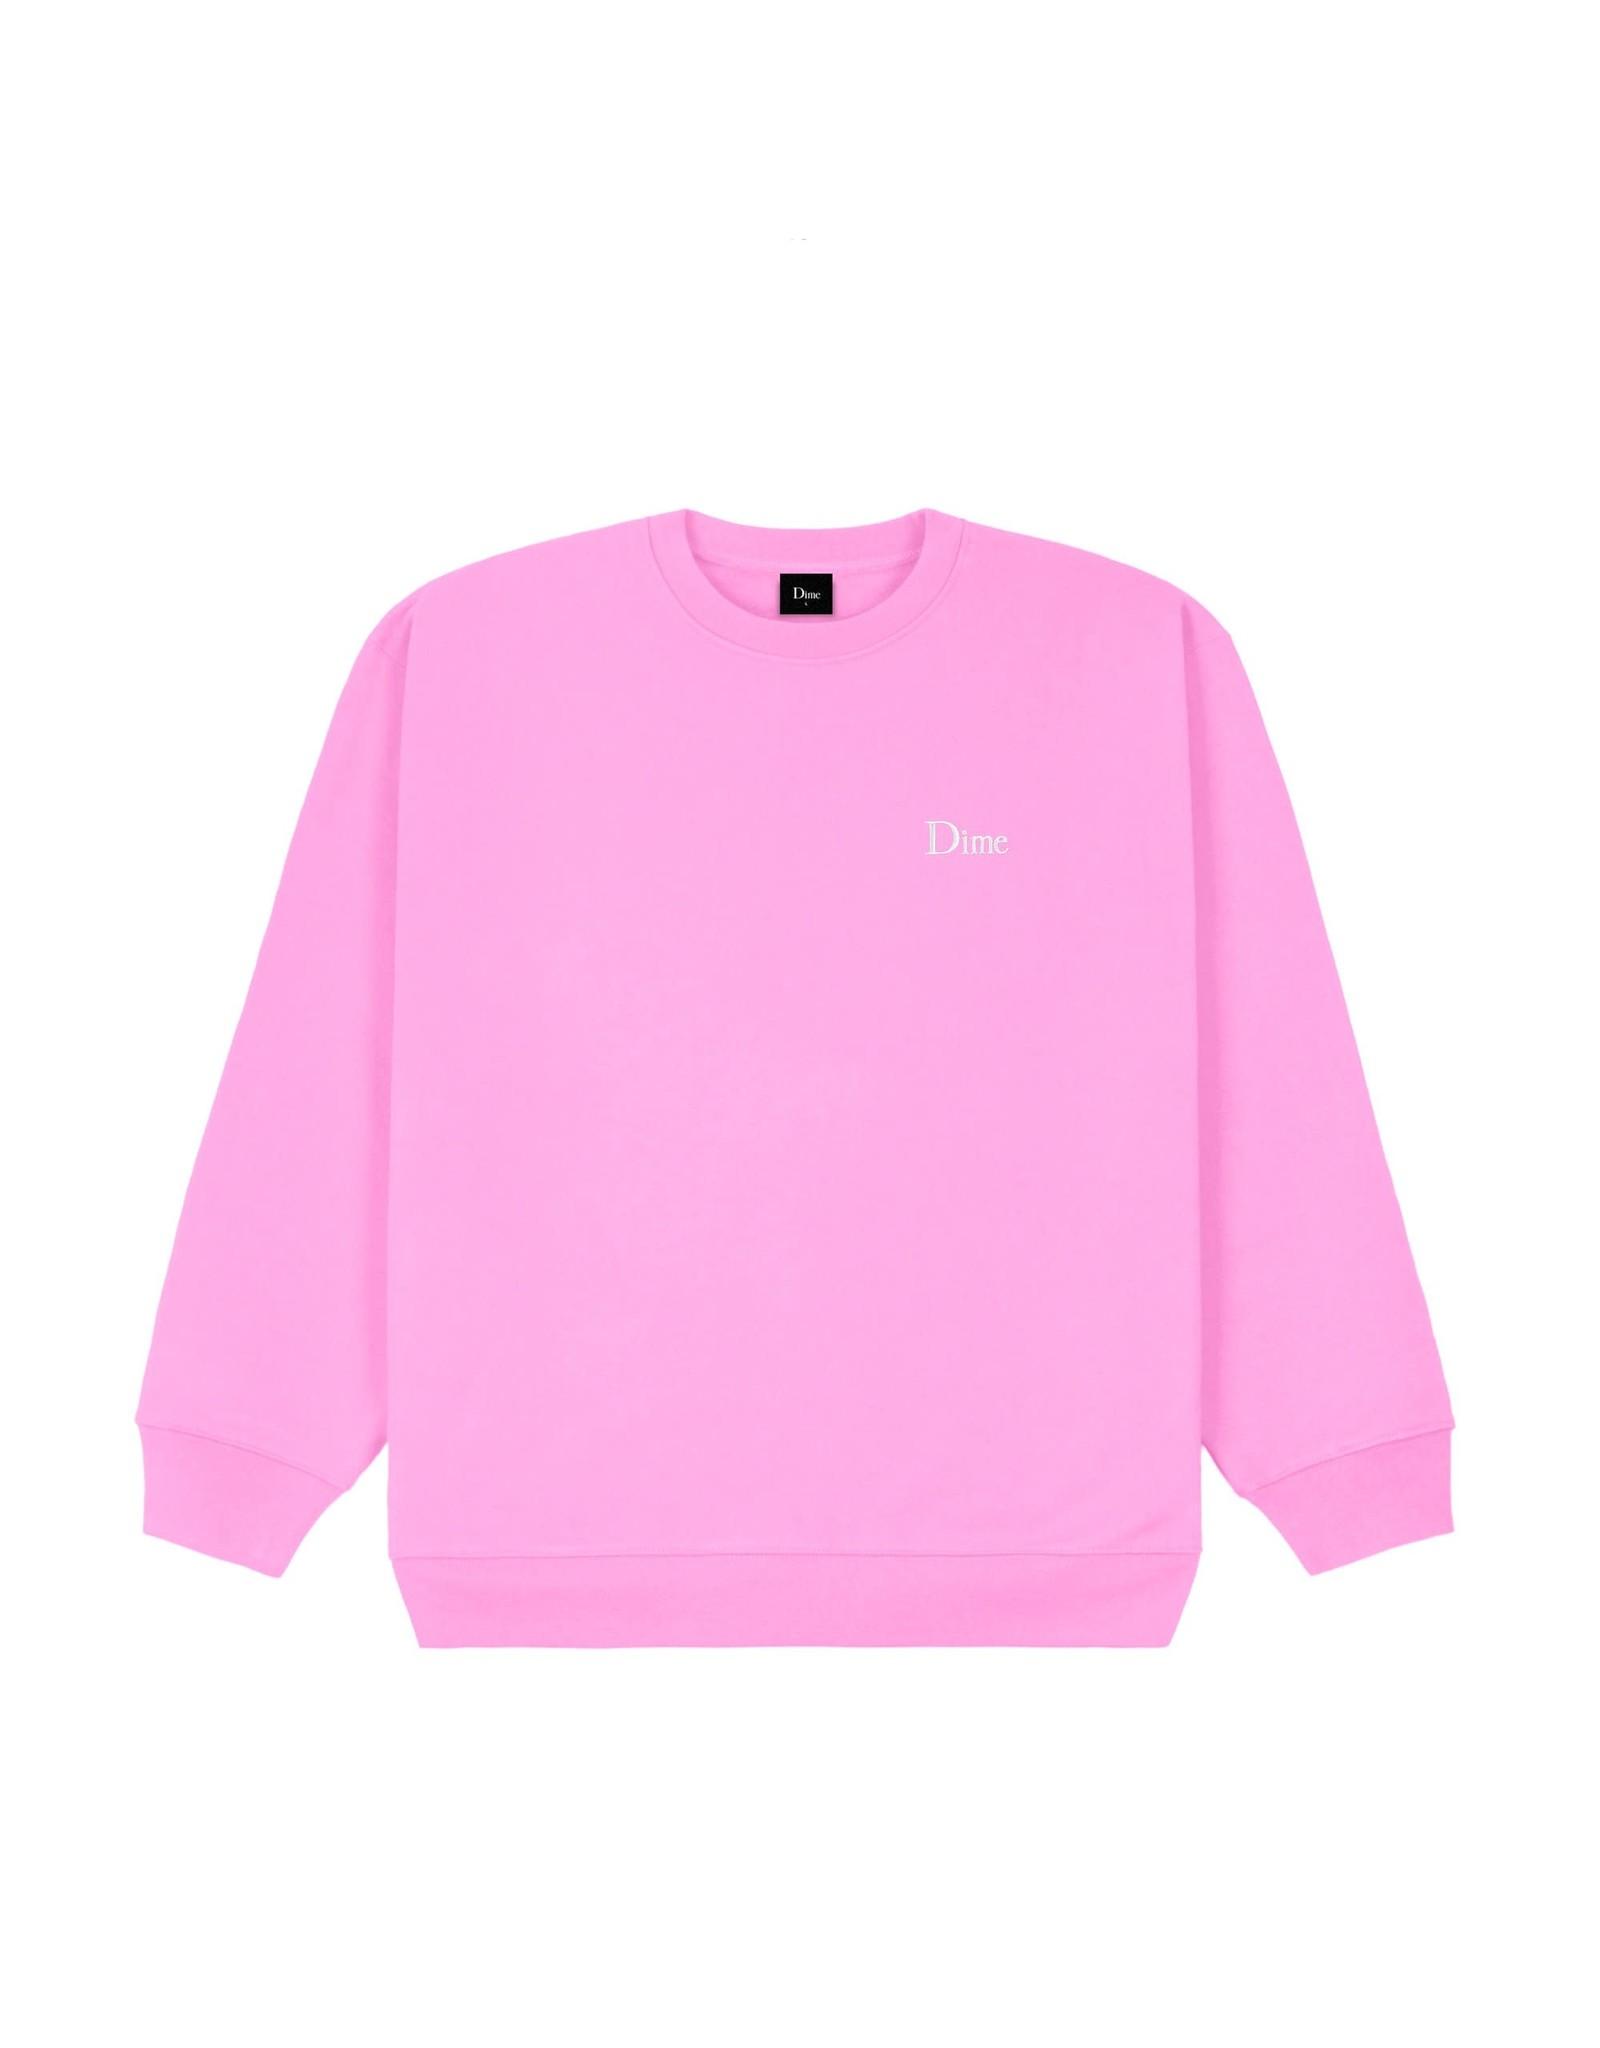 Dime Small Logo Crewneck - Light Pink